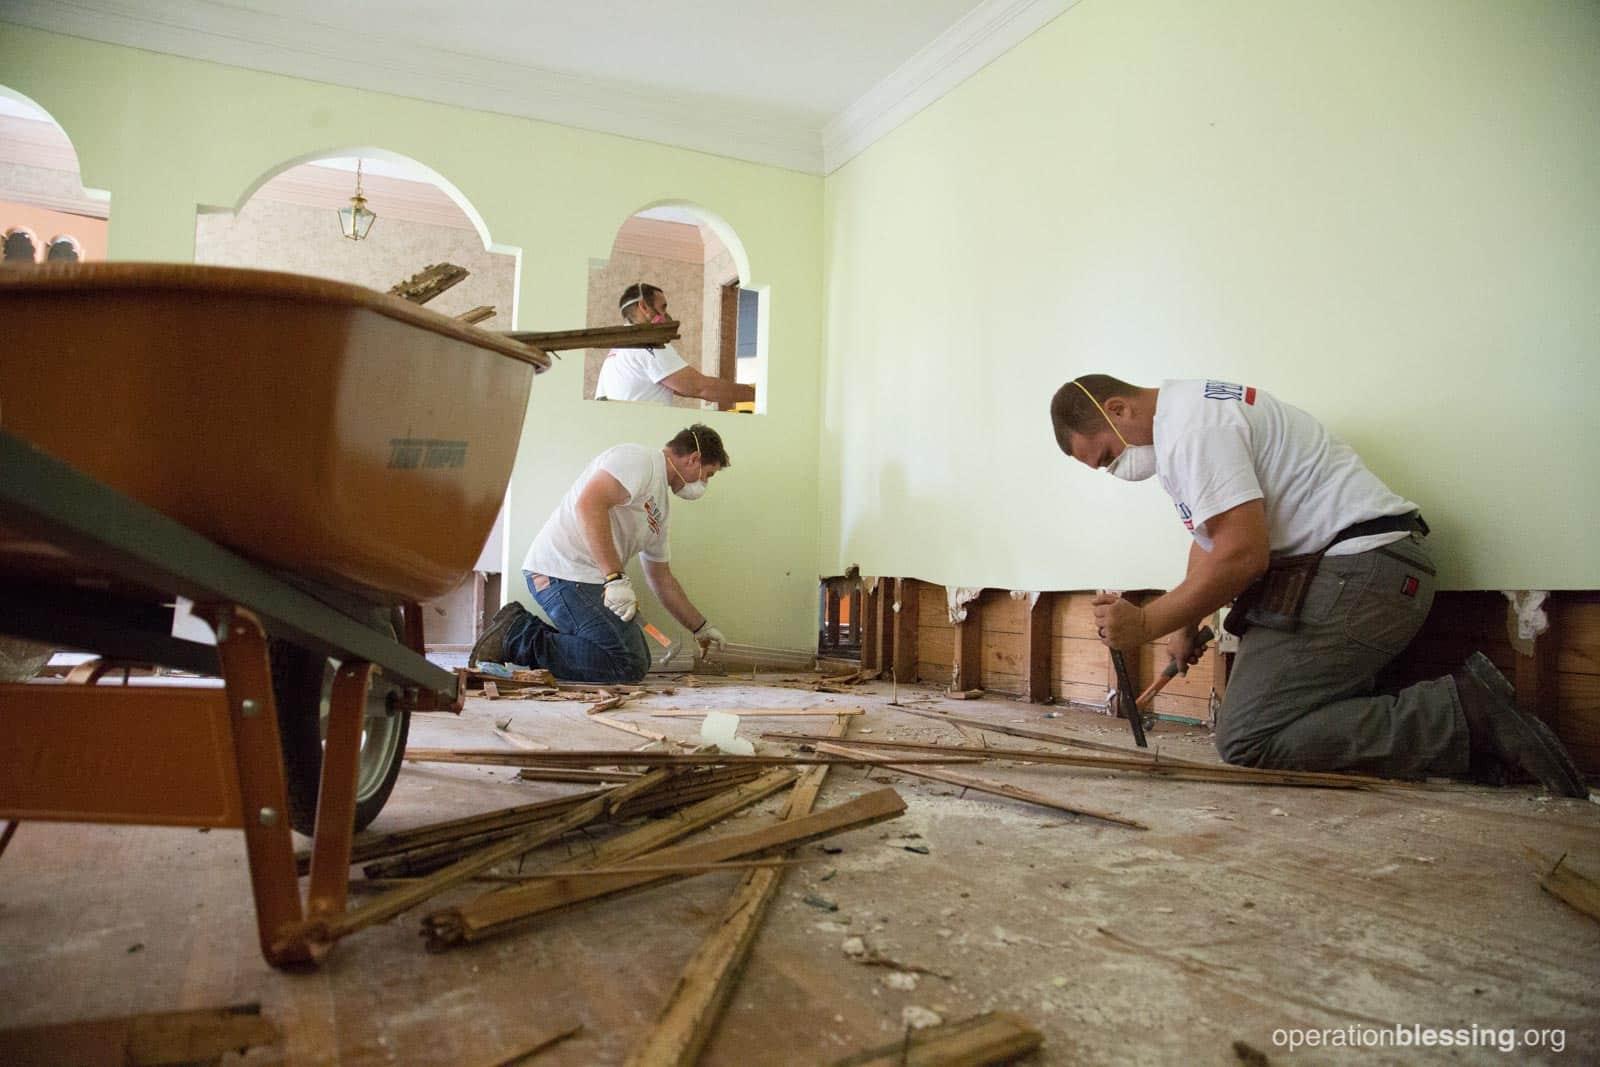 The volunteer team from Pennsylvania works on Karen's house.